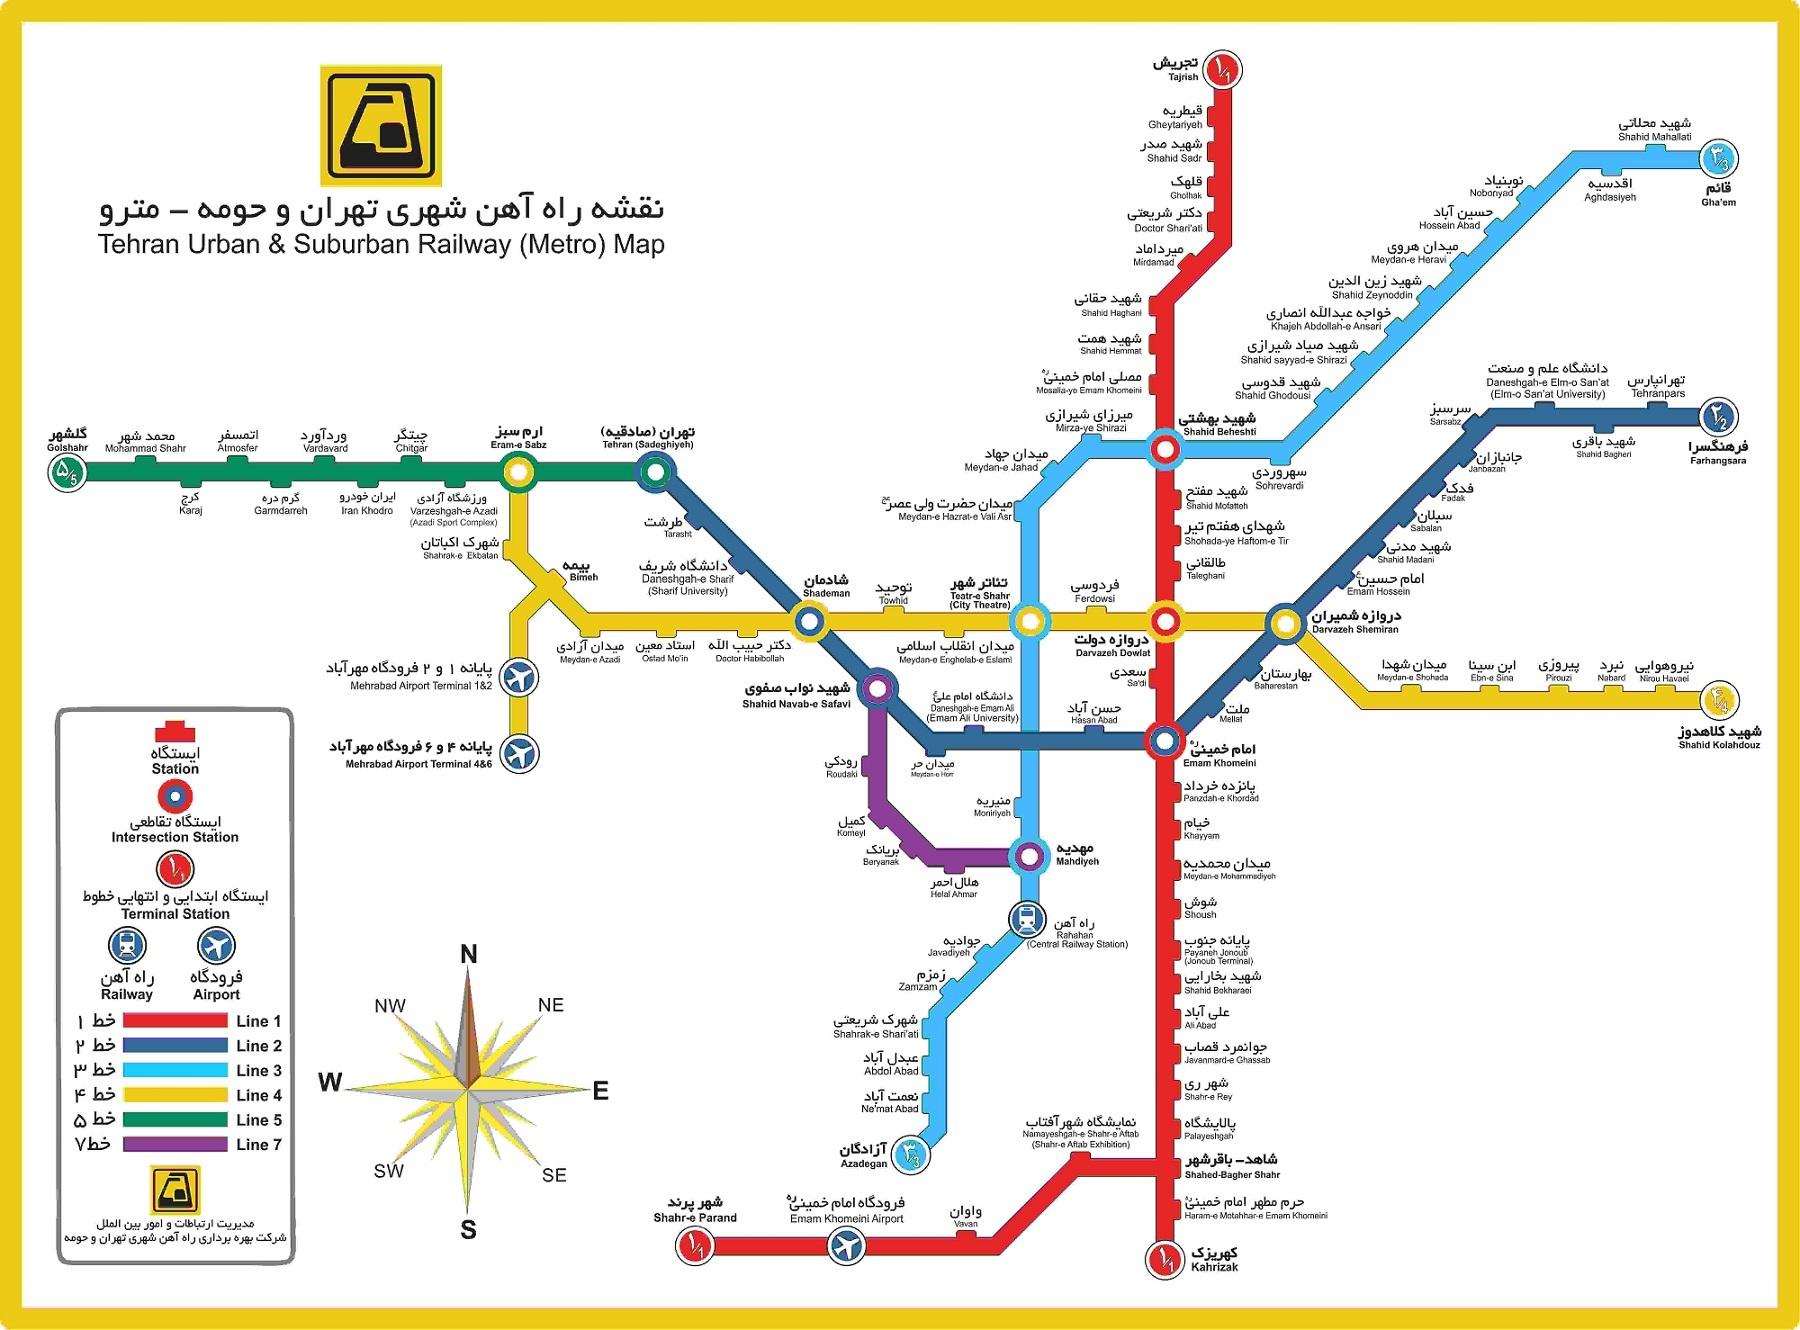 عکس نقشه جدید مترو تهران